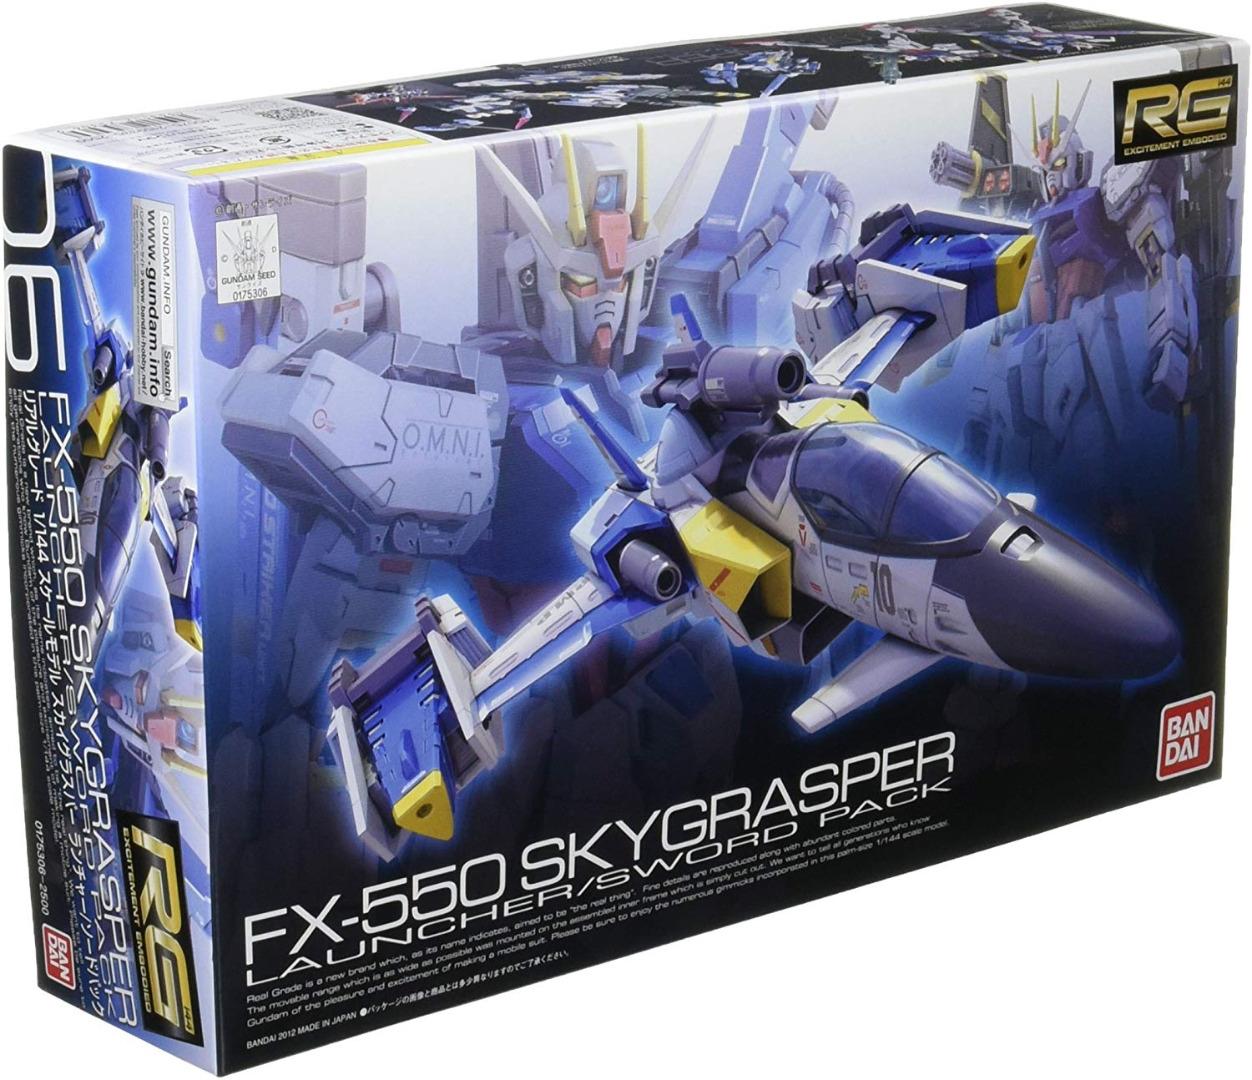 RG Gundam: Real Grade FX550 Sky Grasper Launcher - Sword Pack 1:144 Kit